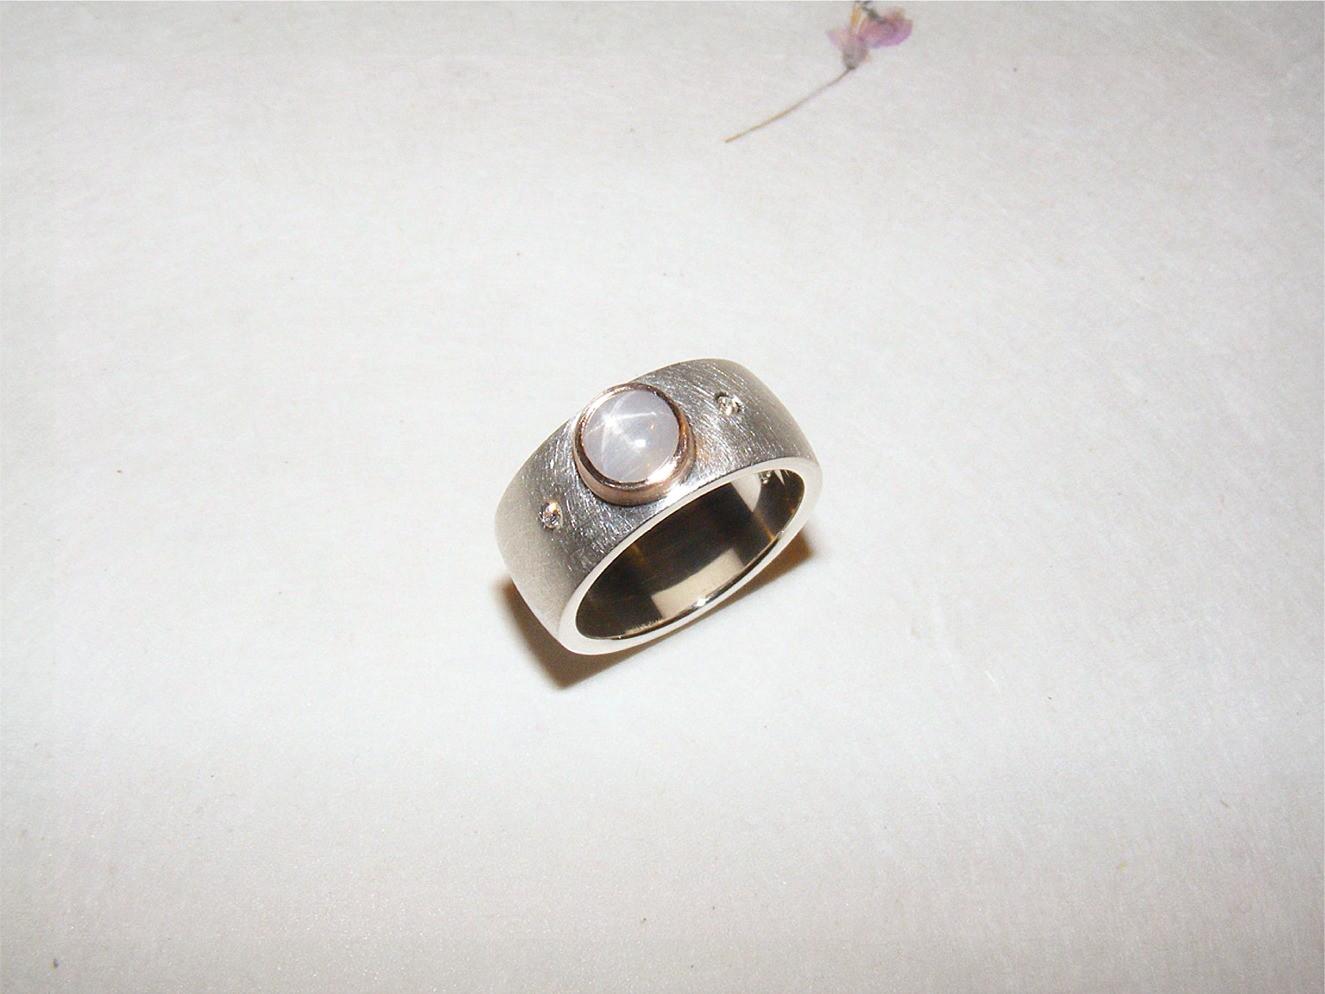 zilver, 14kt roségoud, witte sterkorund en diamanten